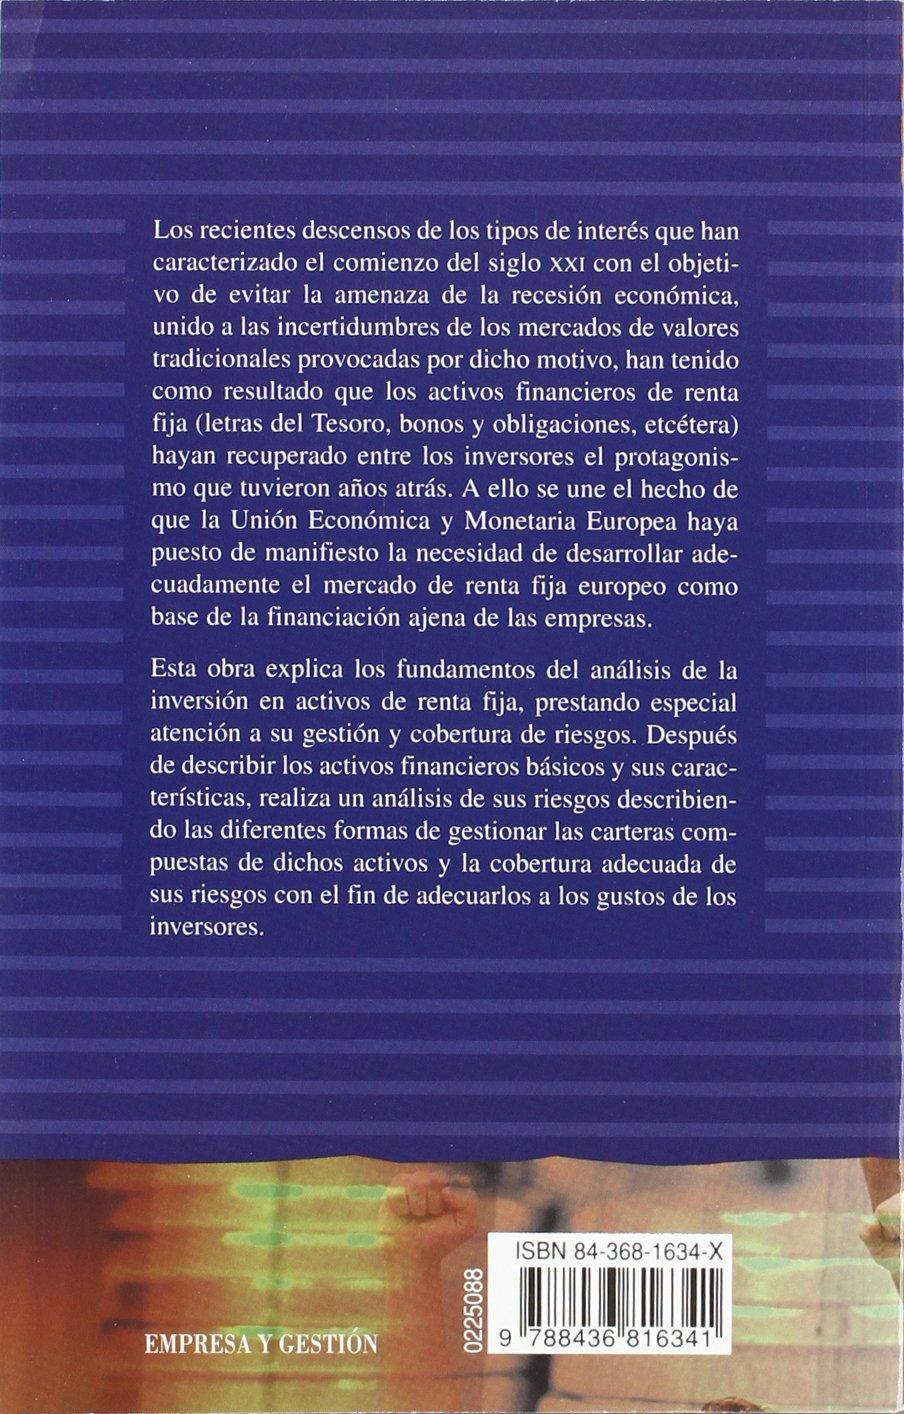 Gestión de activos financieros de renta fija Empresa Y Gestión: Amazon.es: Juan Mascareñas Pérez-Íñigo: Libros